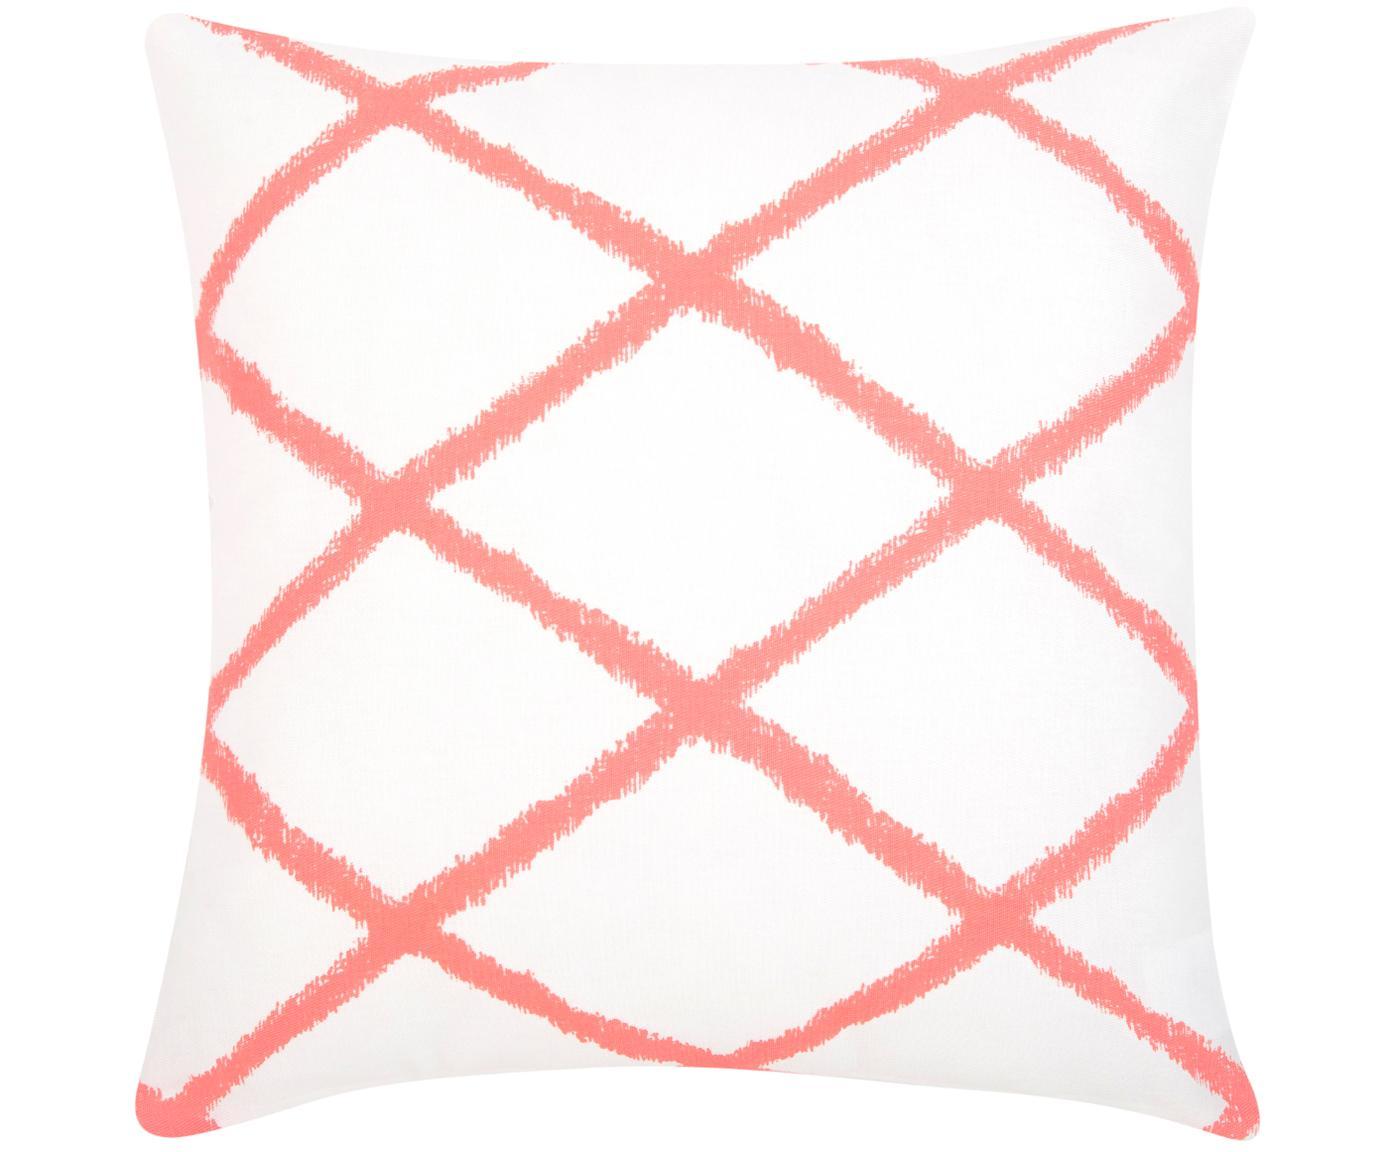 Poszewka na poduszkę Laila, 100% bawełna, Biały, odcienie koralowego, S 45 x D 45 cm